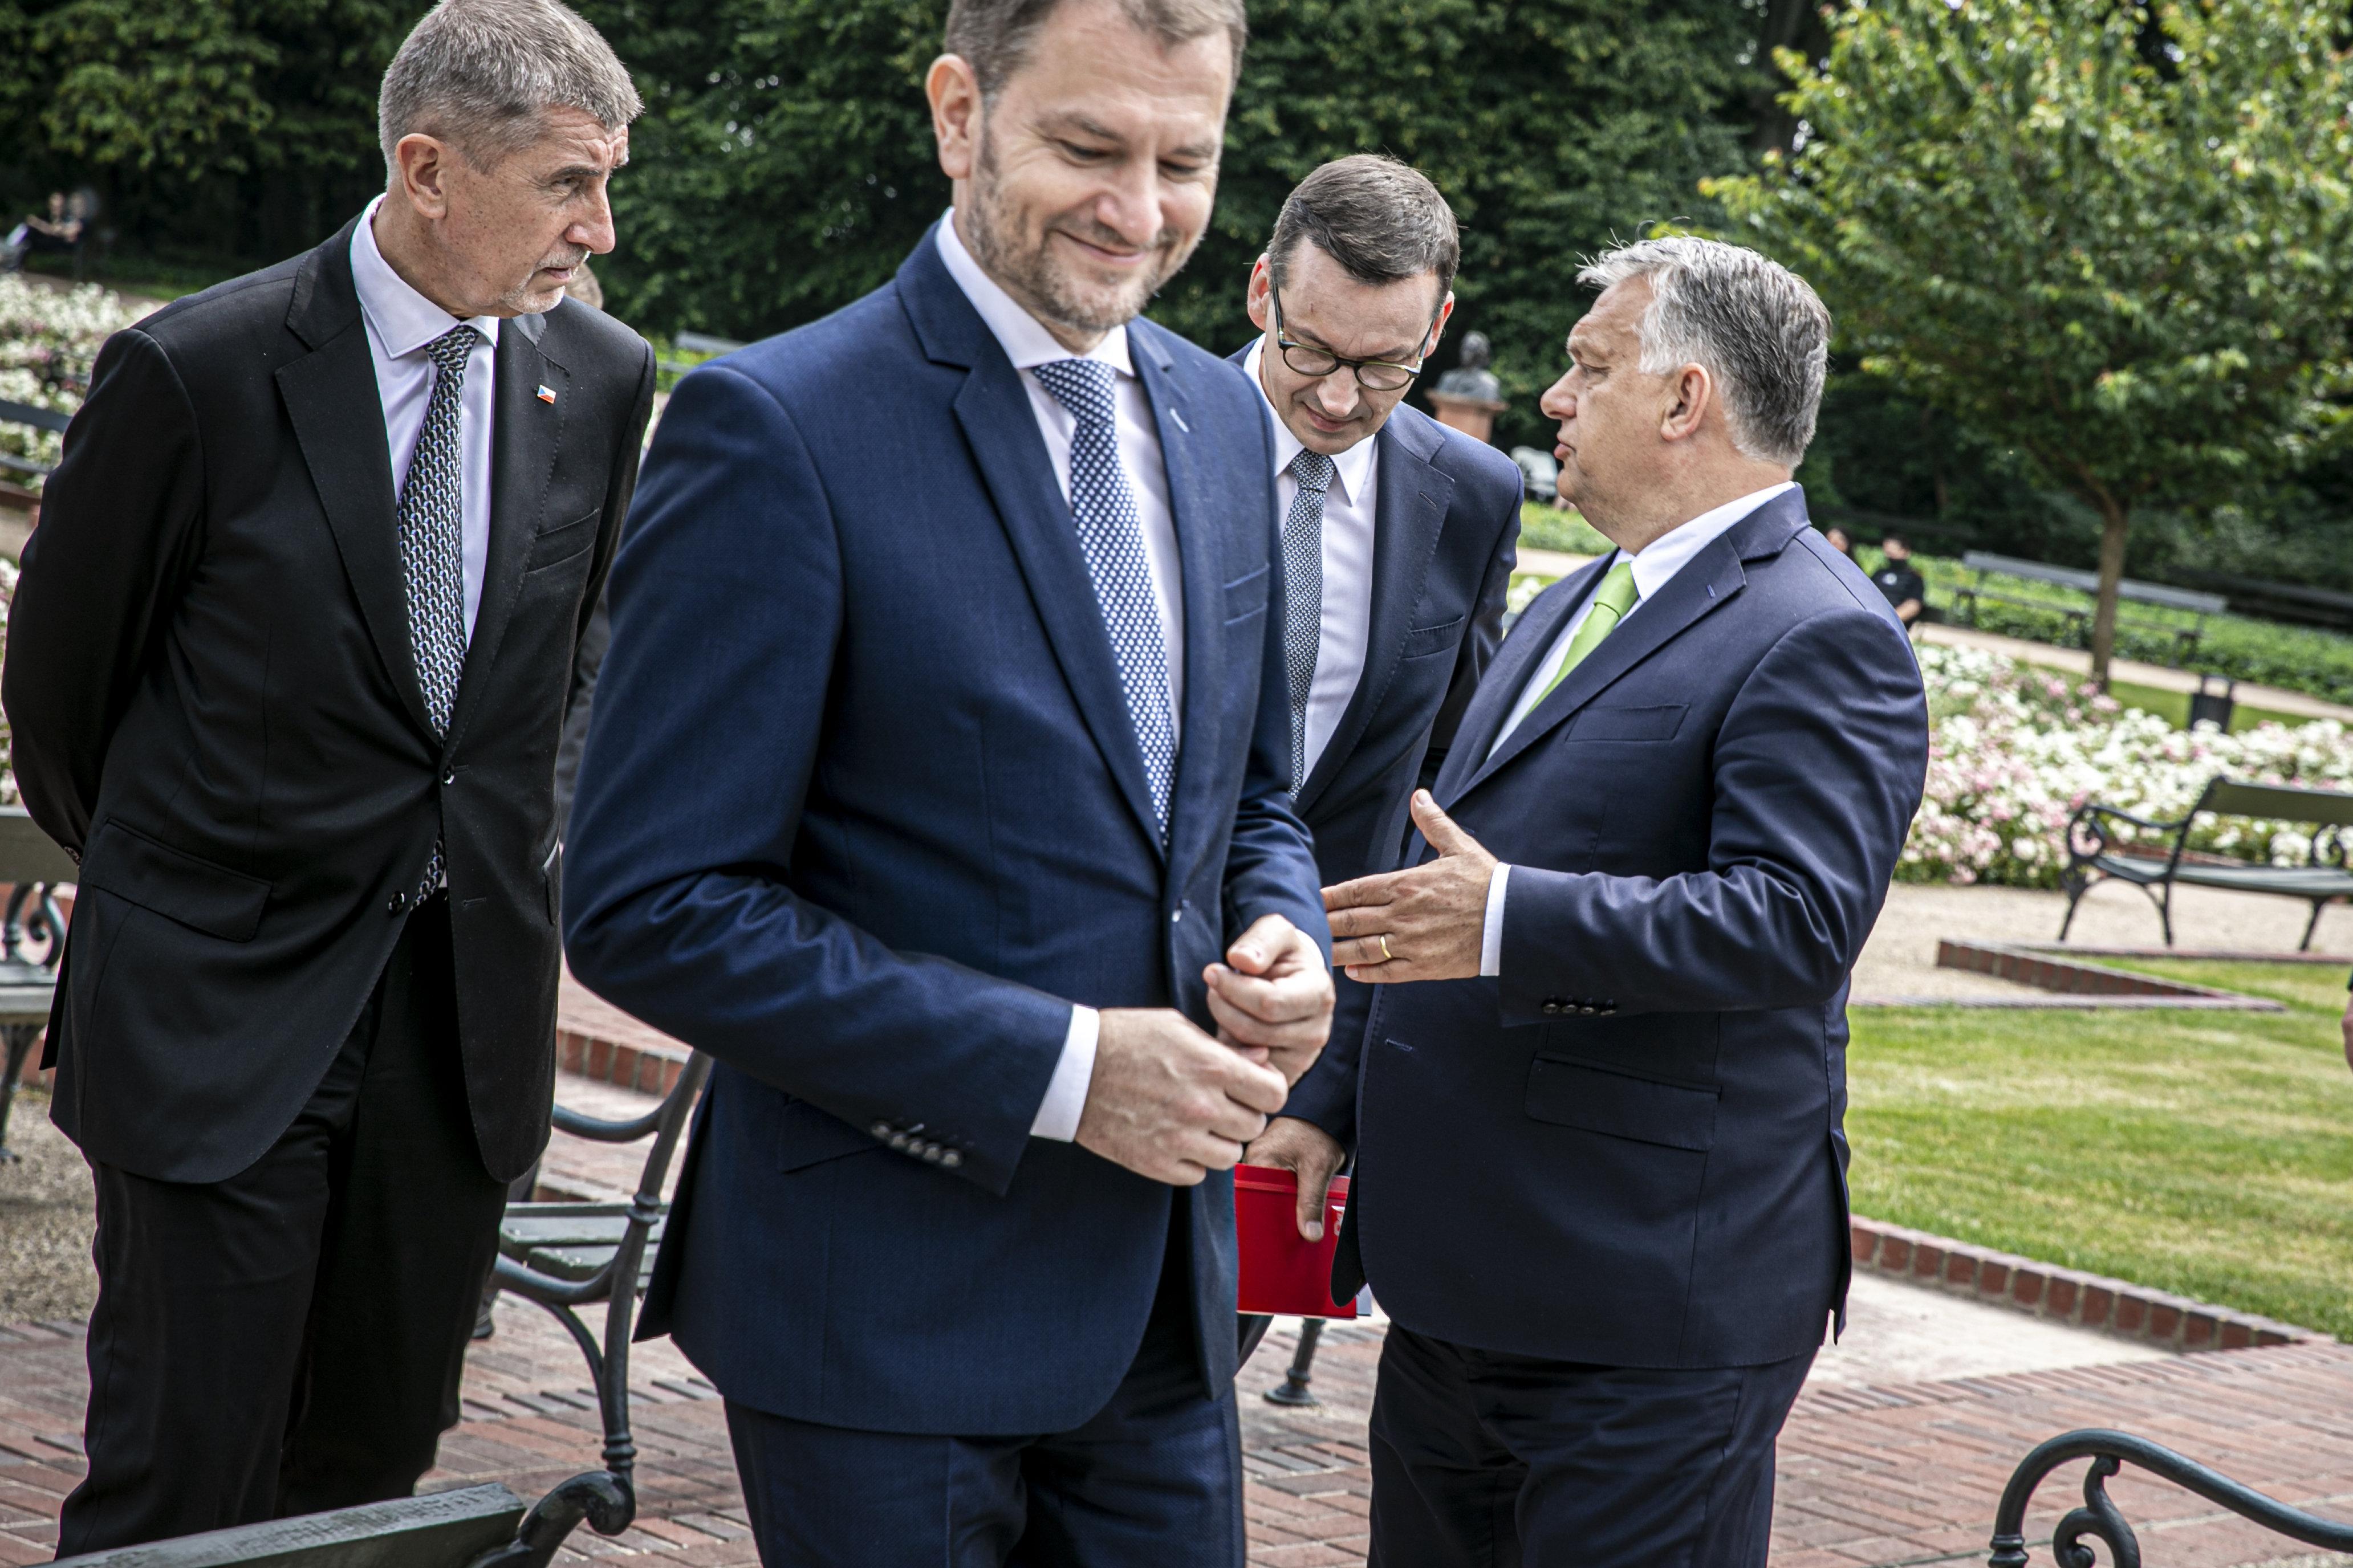 Elmúlt az az idő, amikor egy közép-európai vezető belebukik a plágiumba